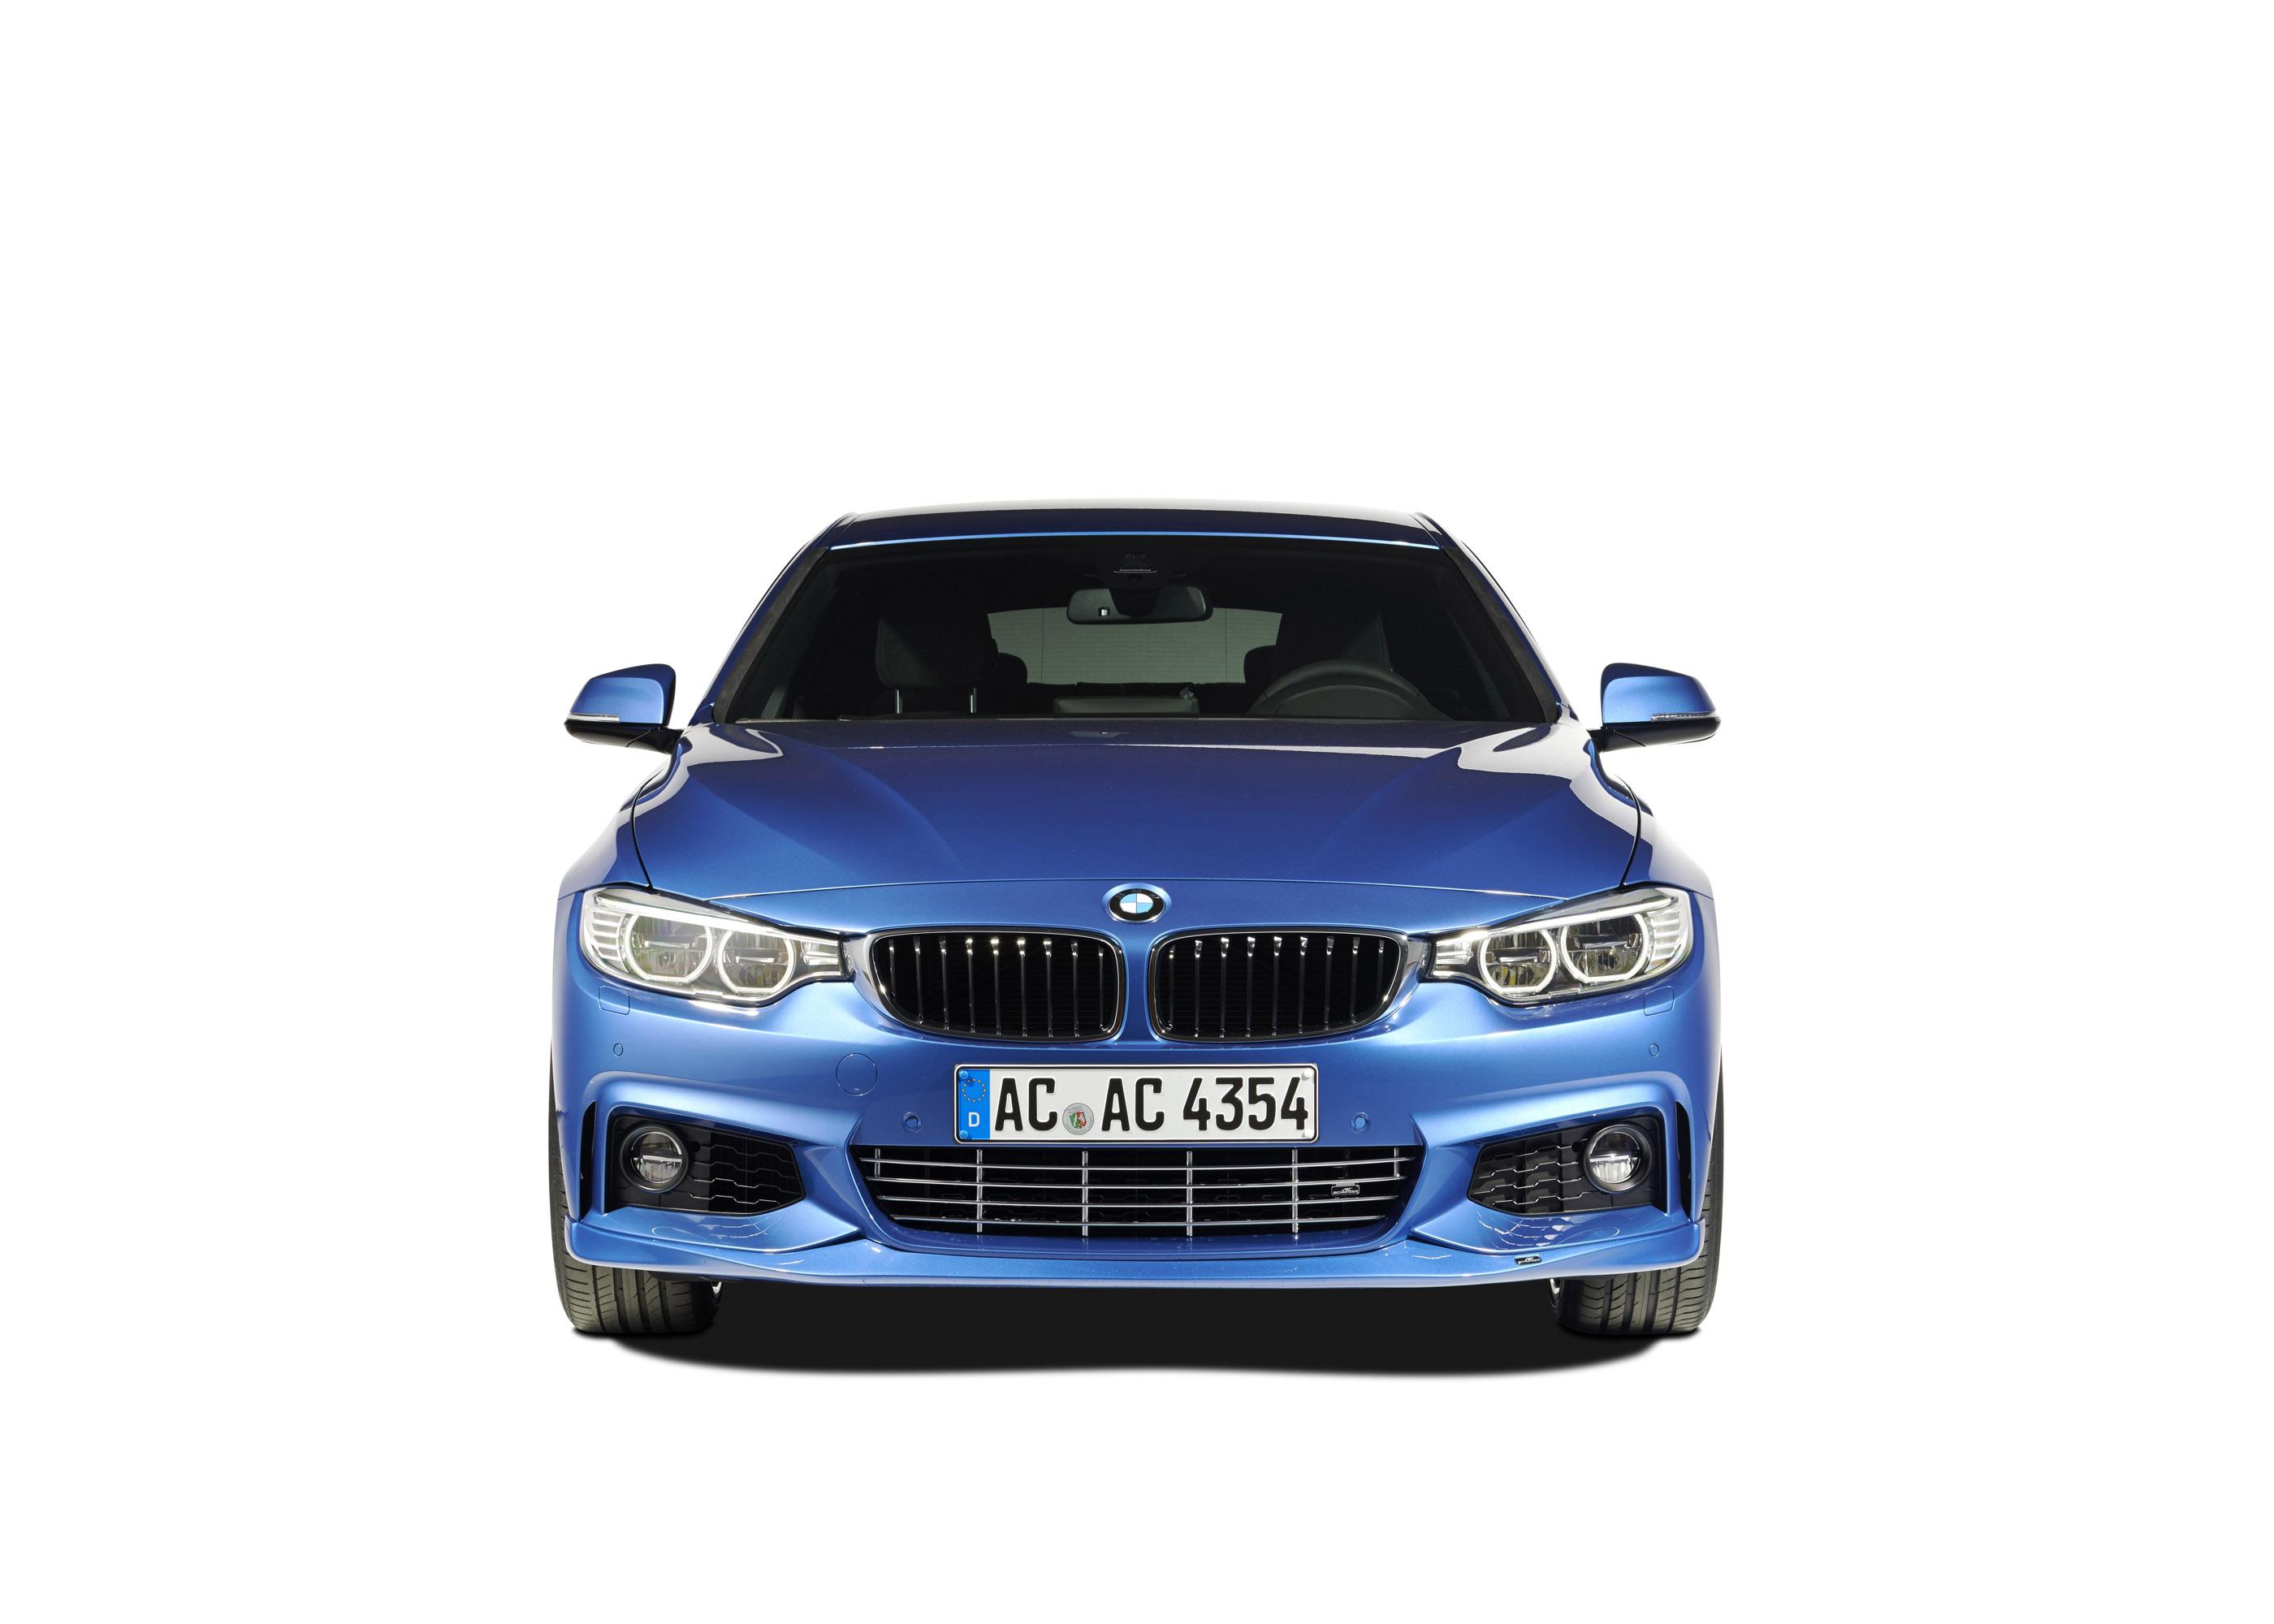 АС Шнитцер БМВ 4-серии Гран купе-идеальное сочетание функциональности и комфорта  - фотография №1